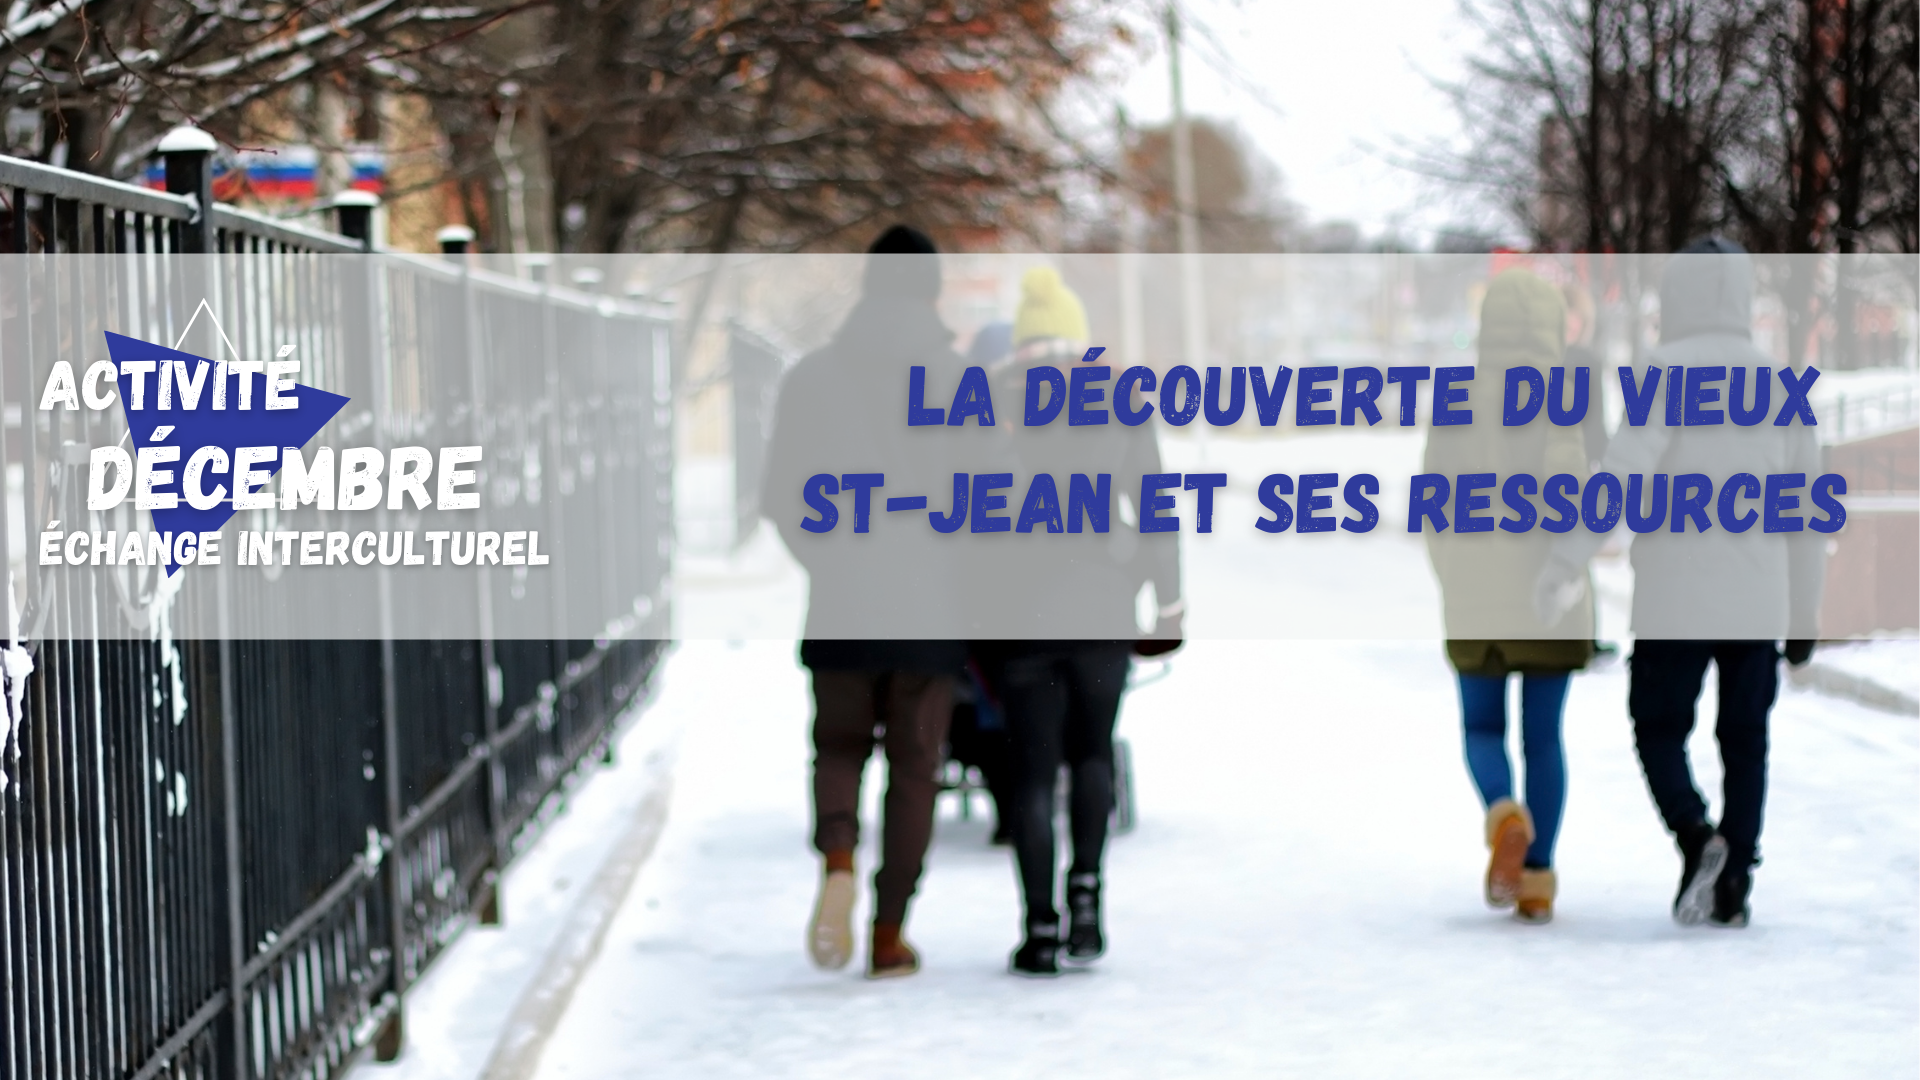 Image hiver vieux saint-jean